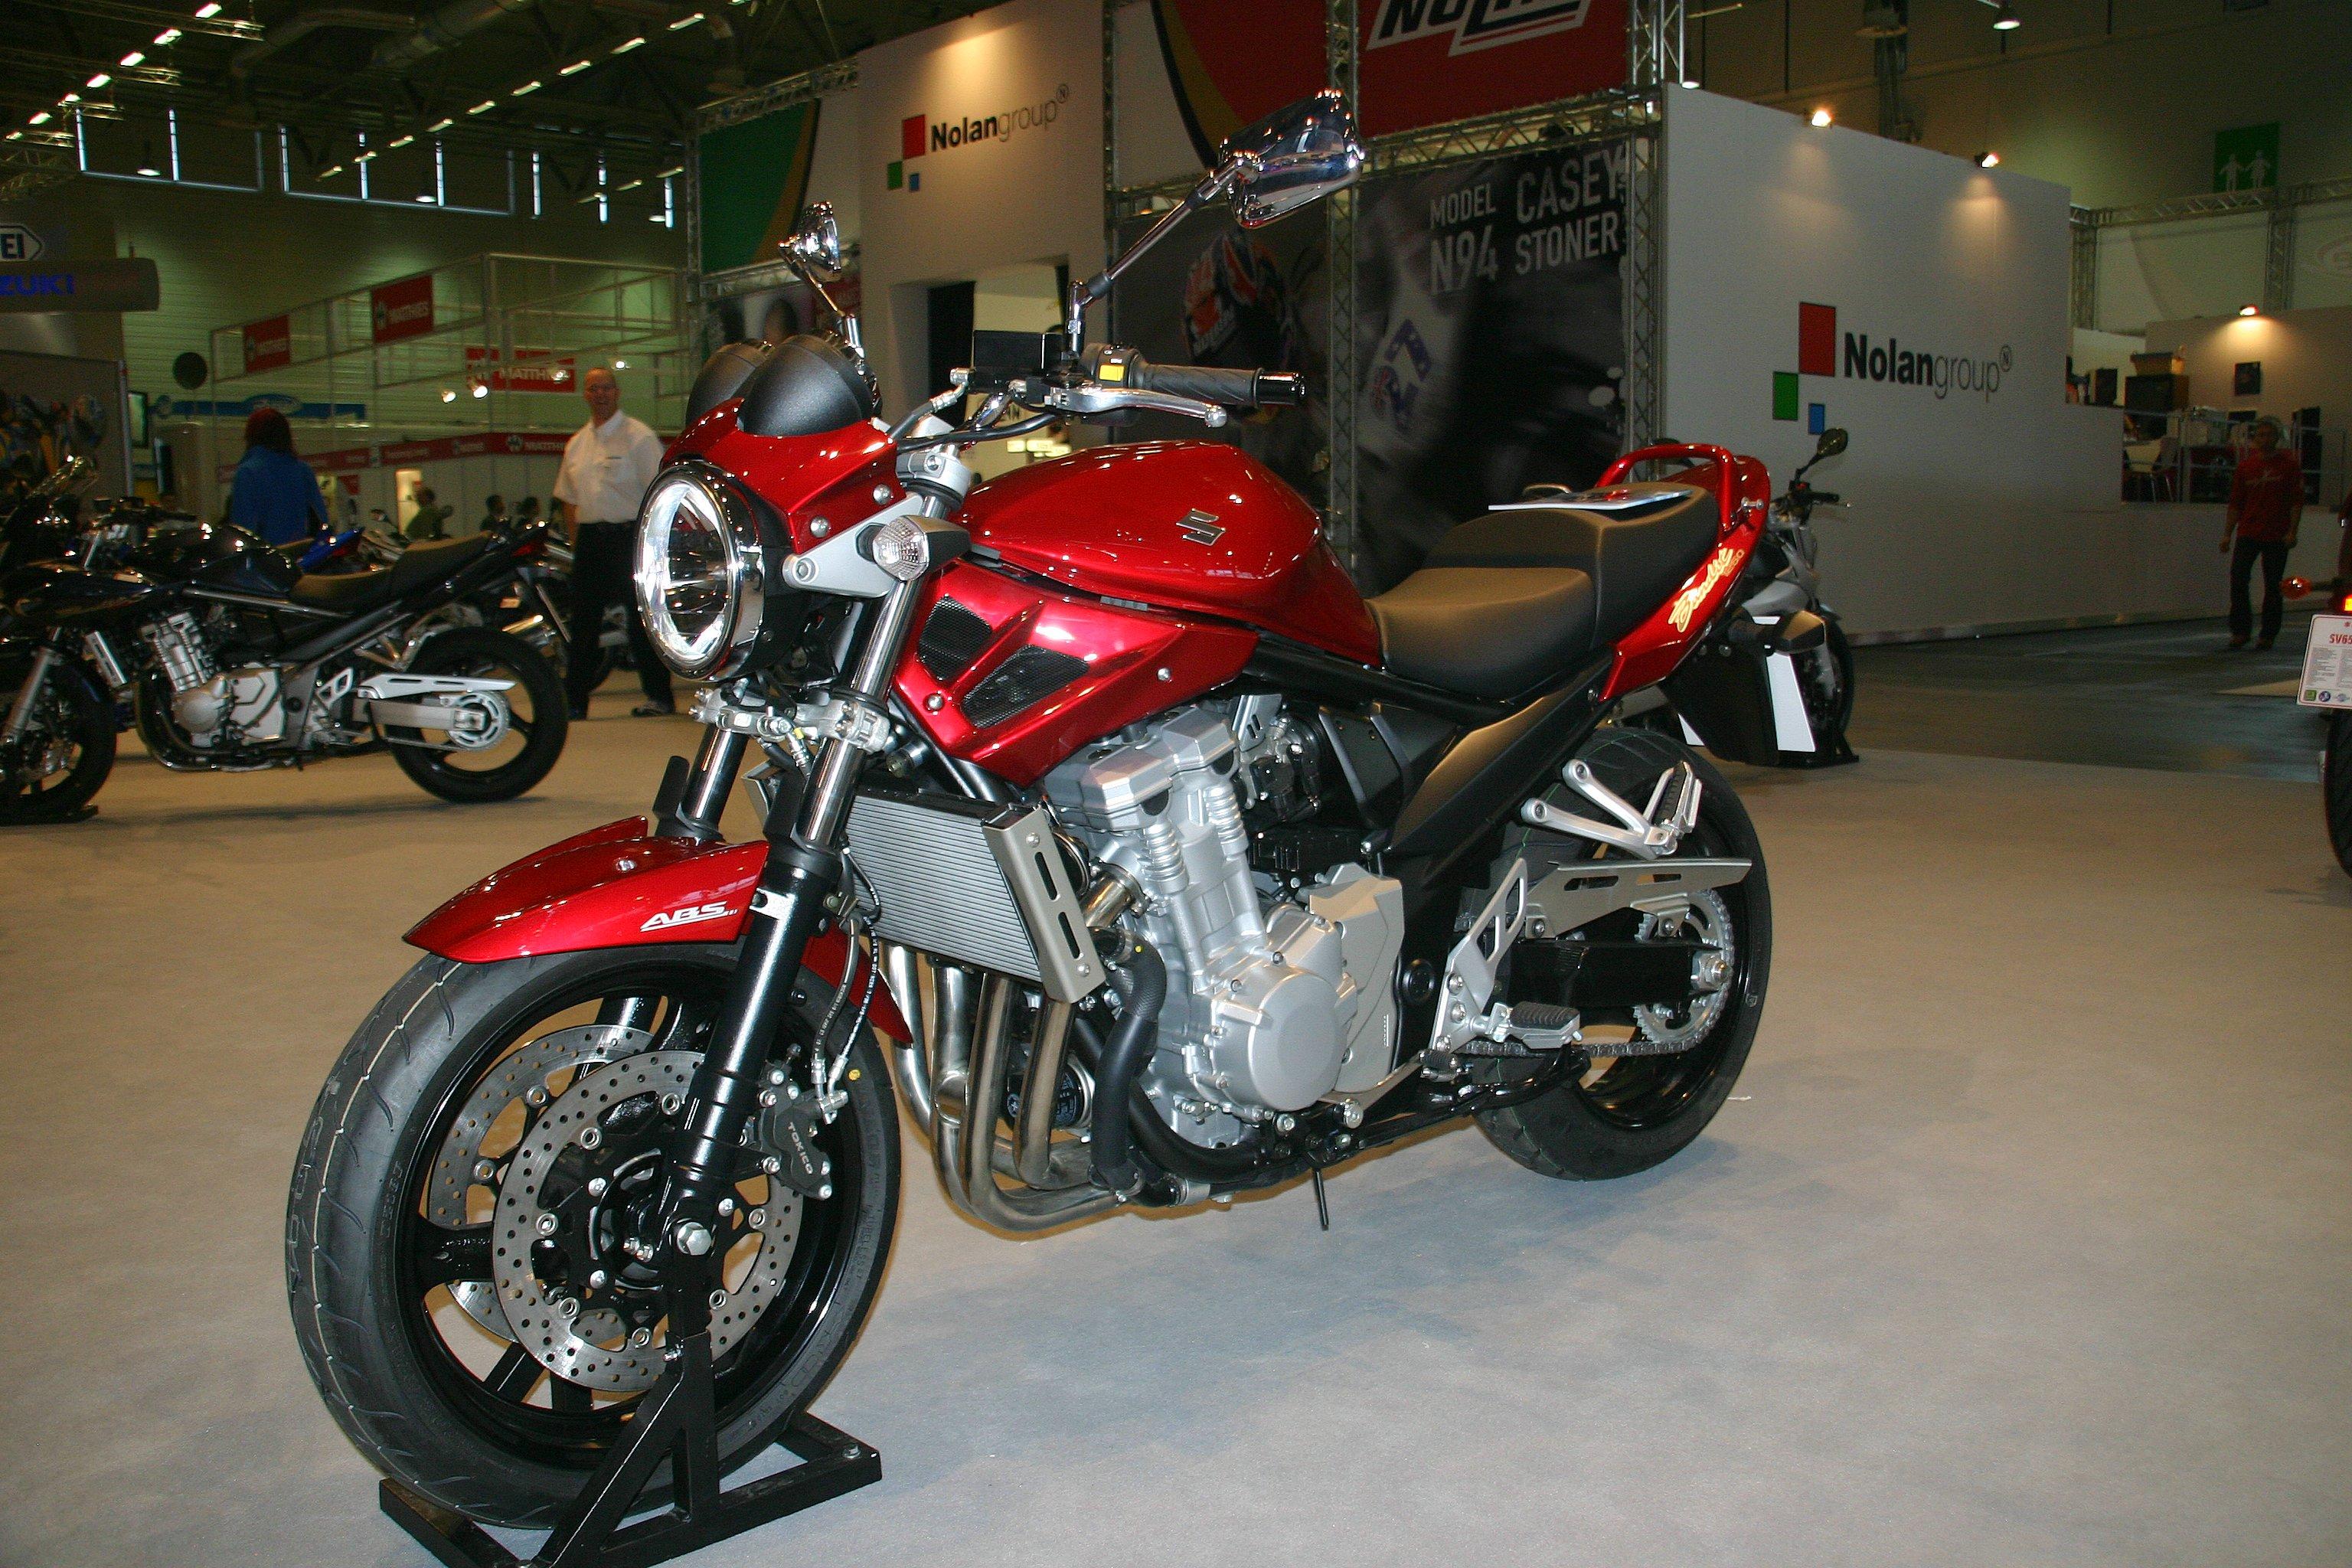 File:Suzuki GSF 1250 02.JPG